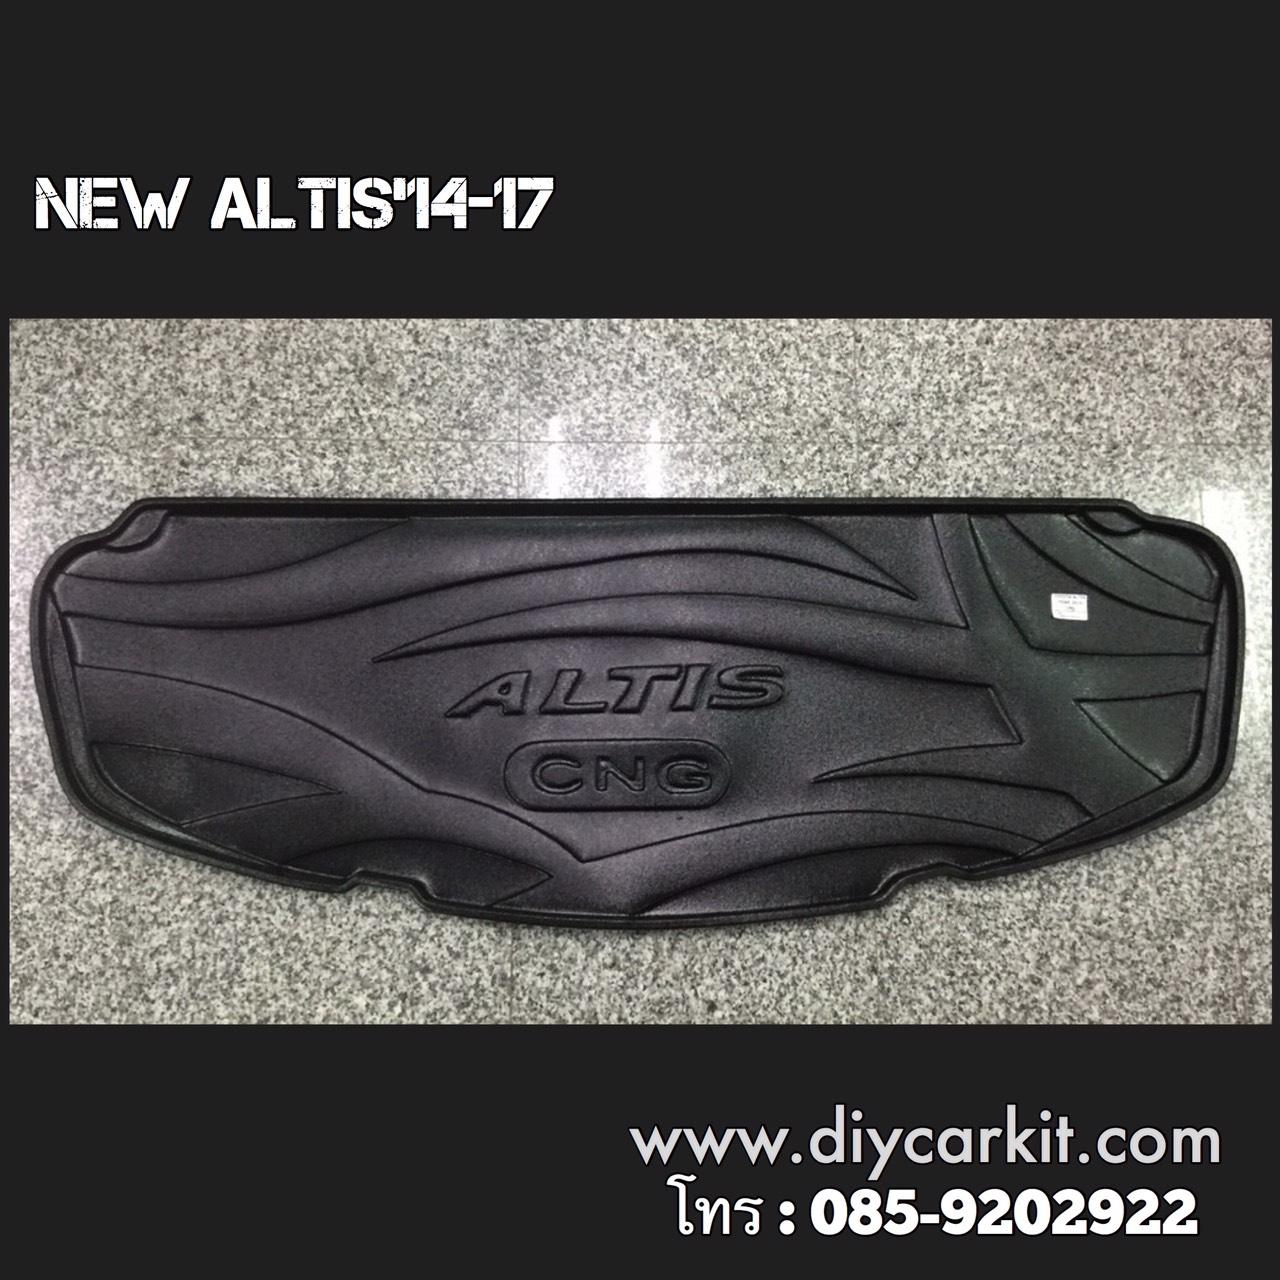 ถาดท้ายรถ รุ่น CNG ใส่ New Altis 2014-2017